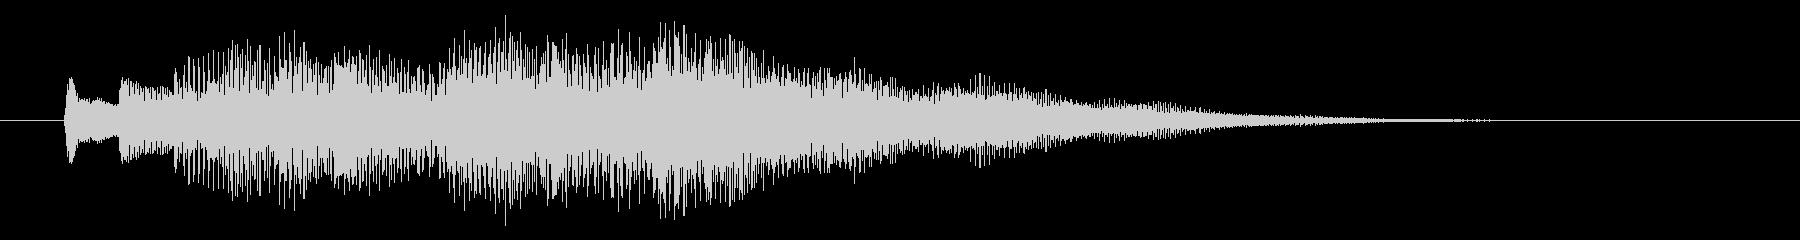 KANTアプリジングル201235の未再生の波形